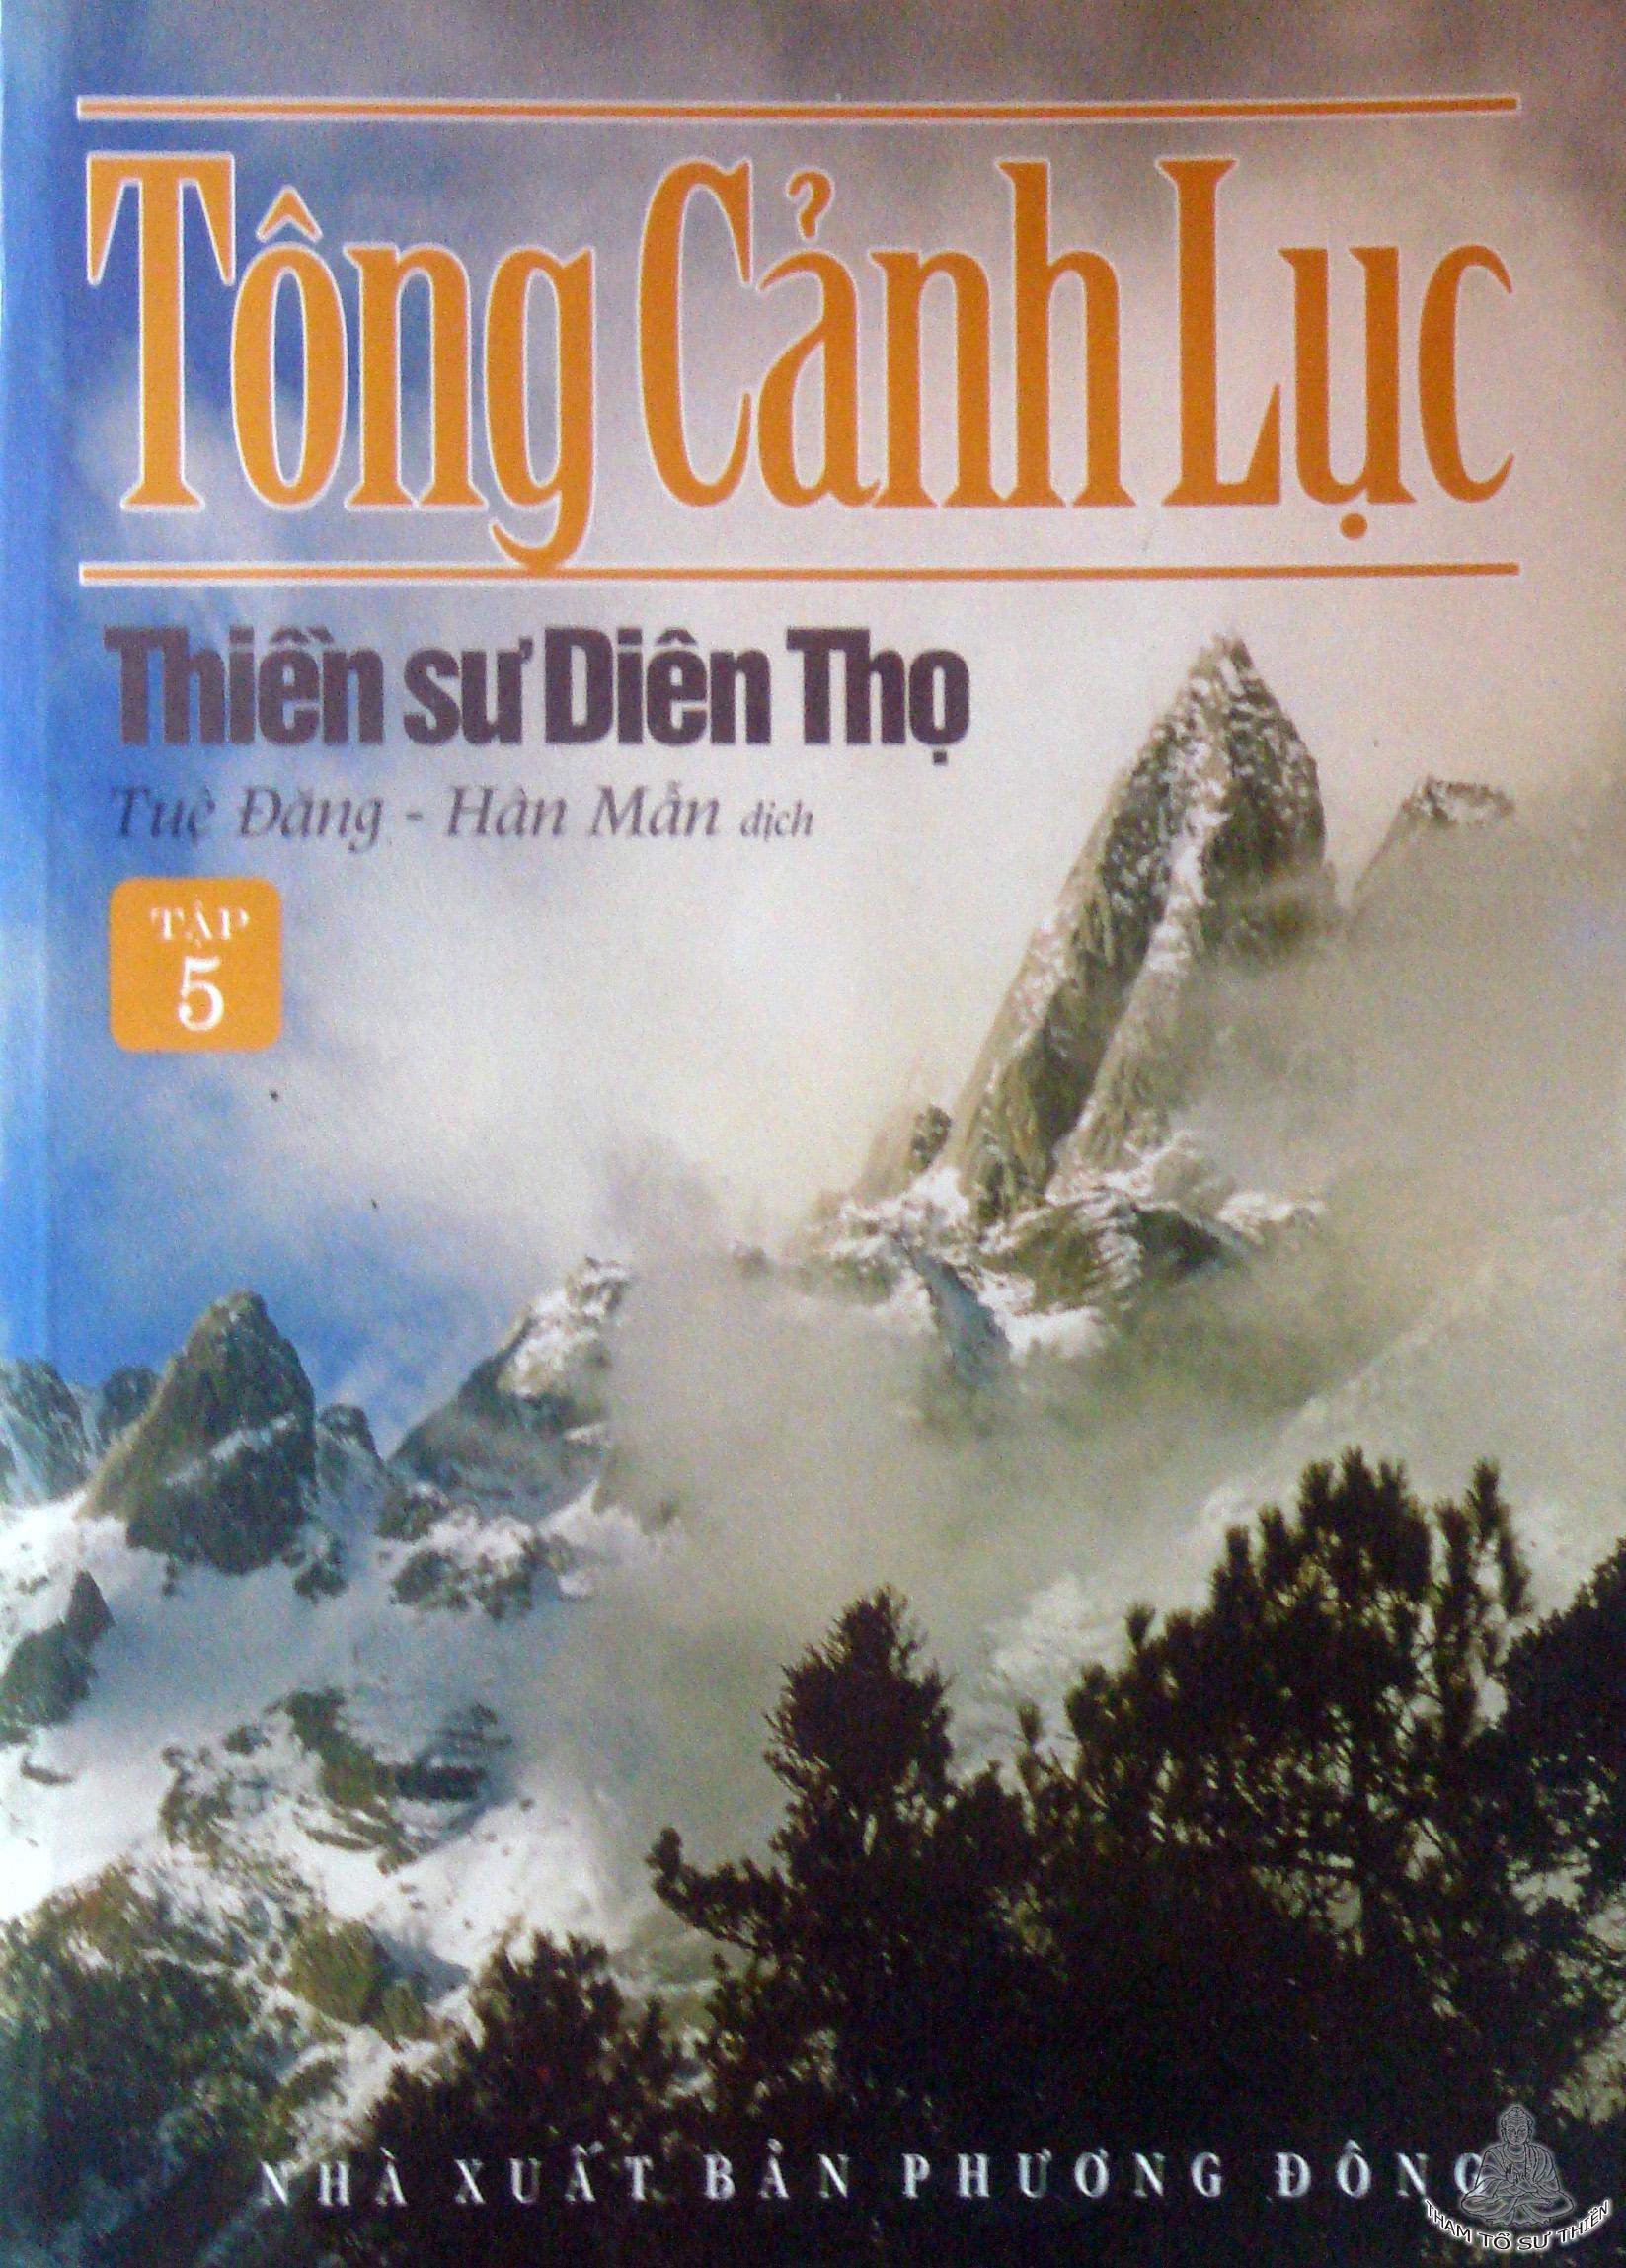 Bìa sách Tông Cảnh Lục tập 5